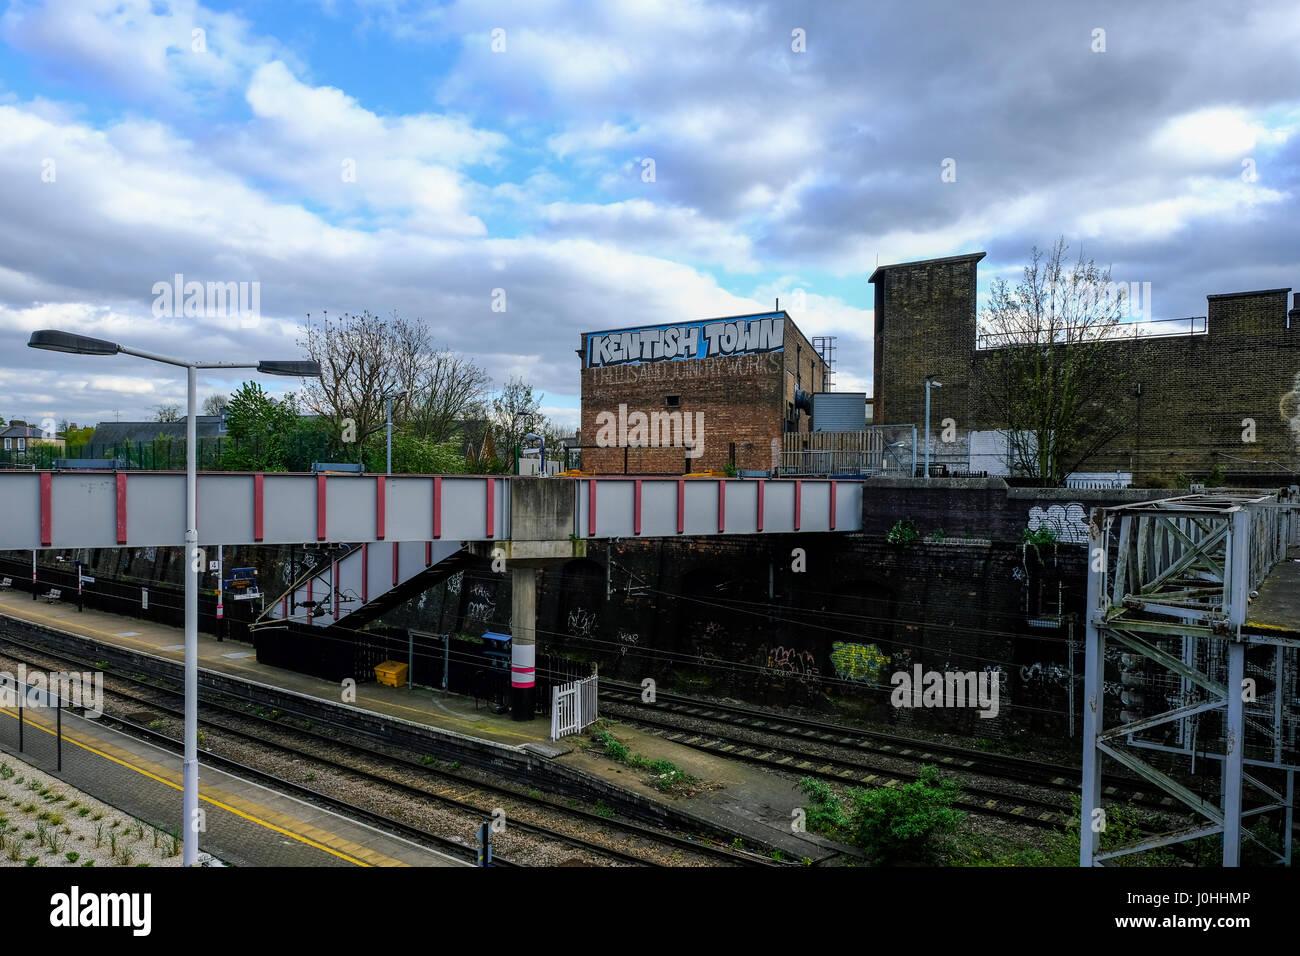 Kentish Town station - Stock Image